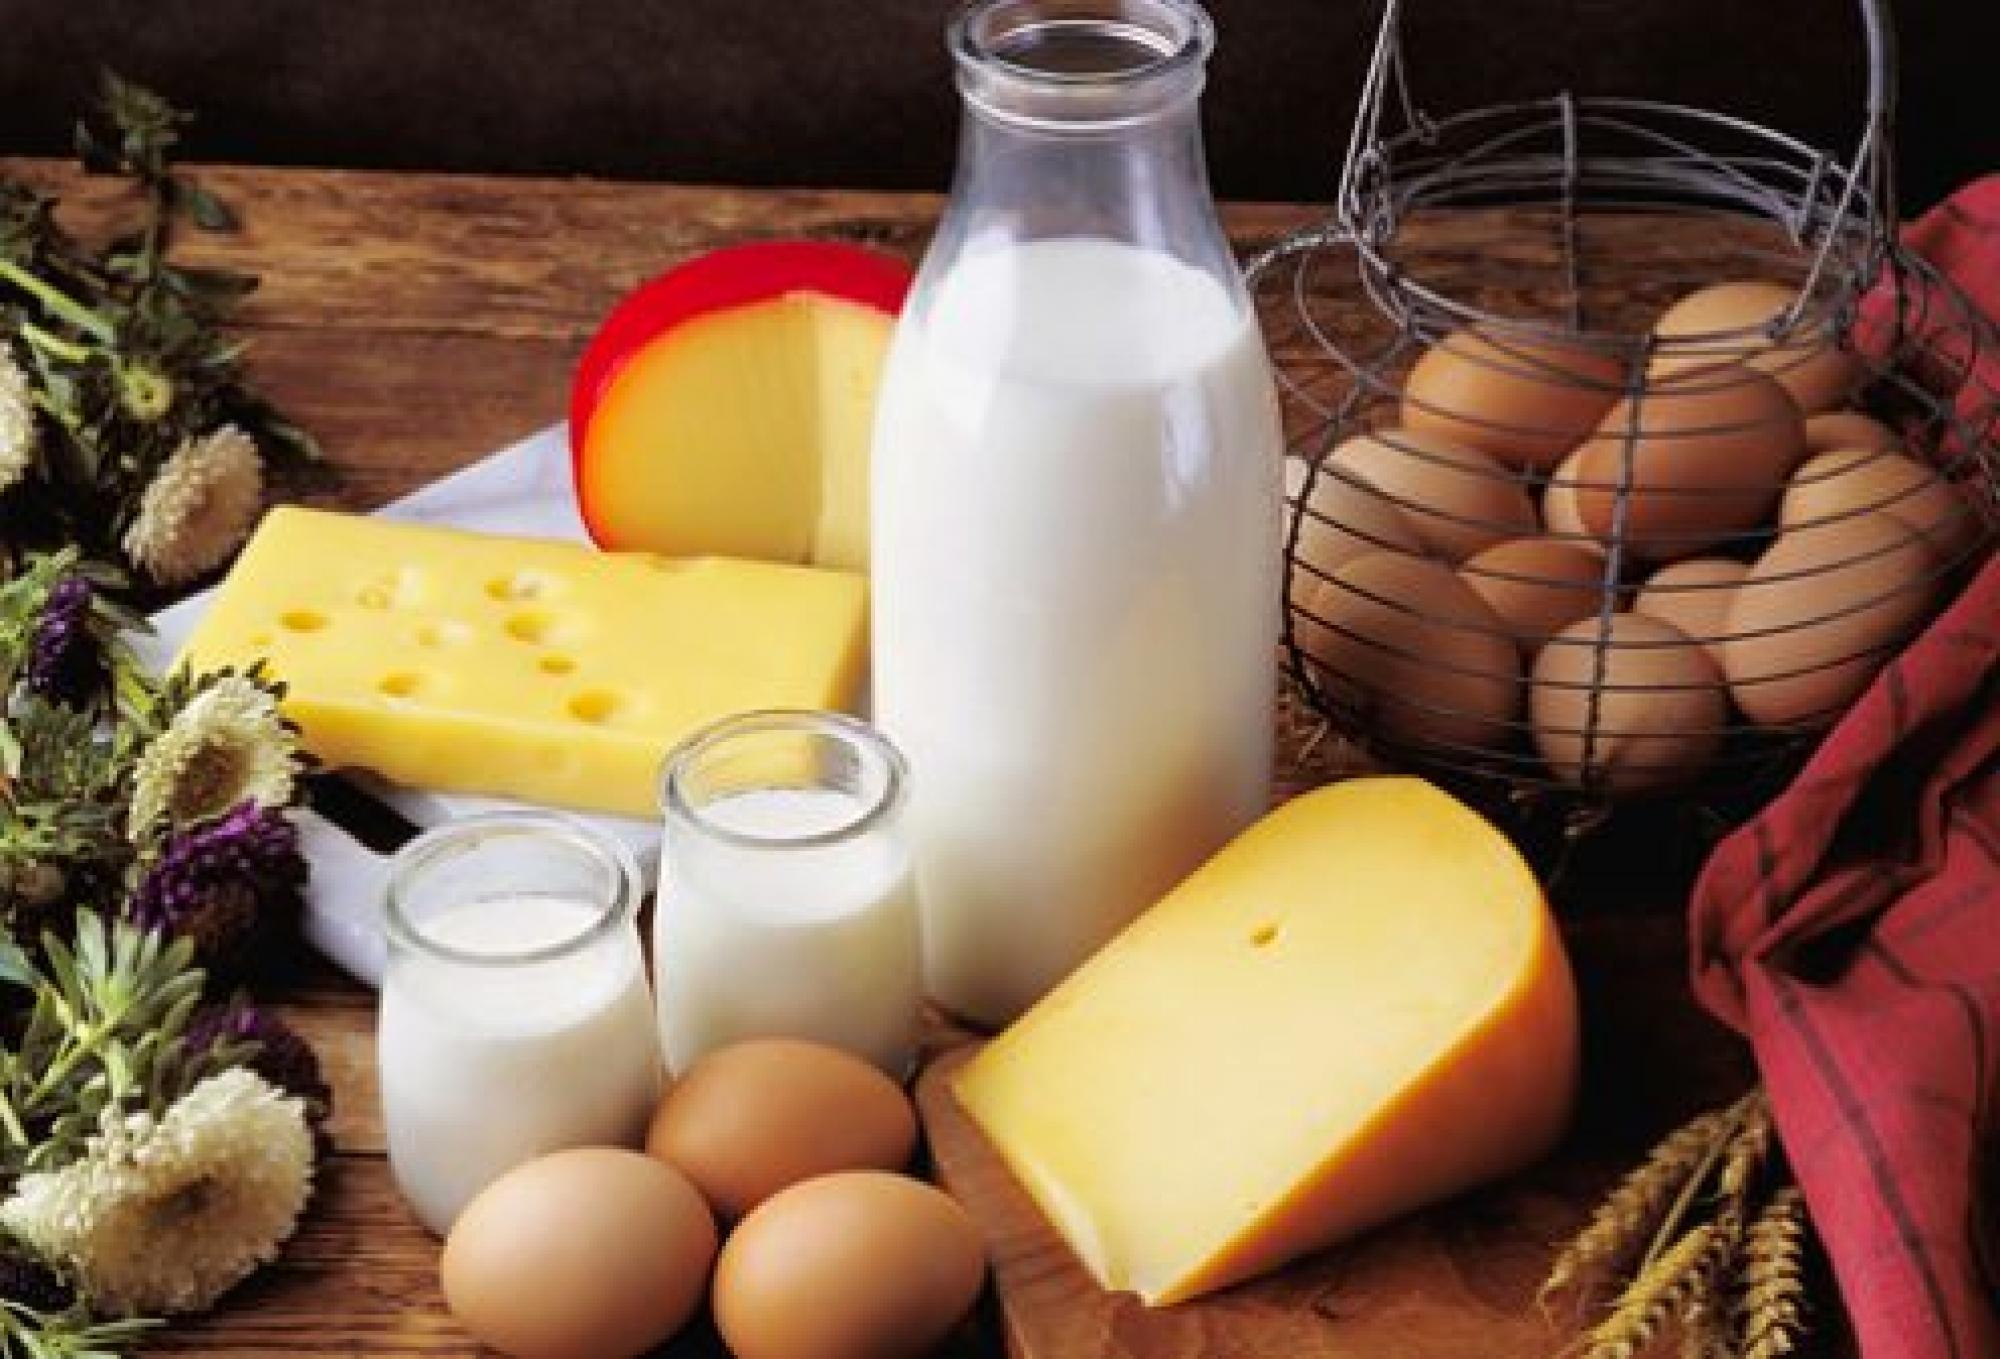 Курс еды: сравниваем цены в супермаркетах Вологды (16-20 февраля)